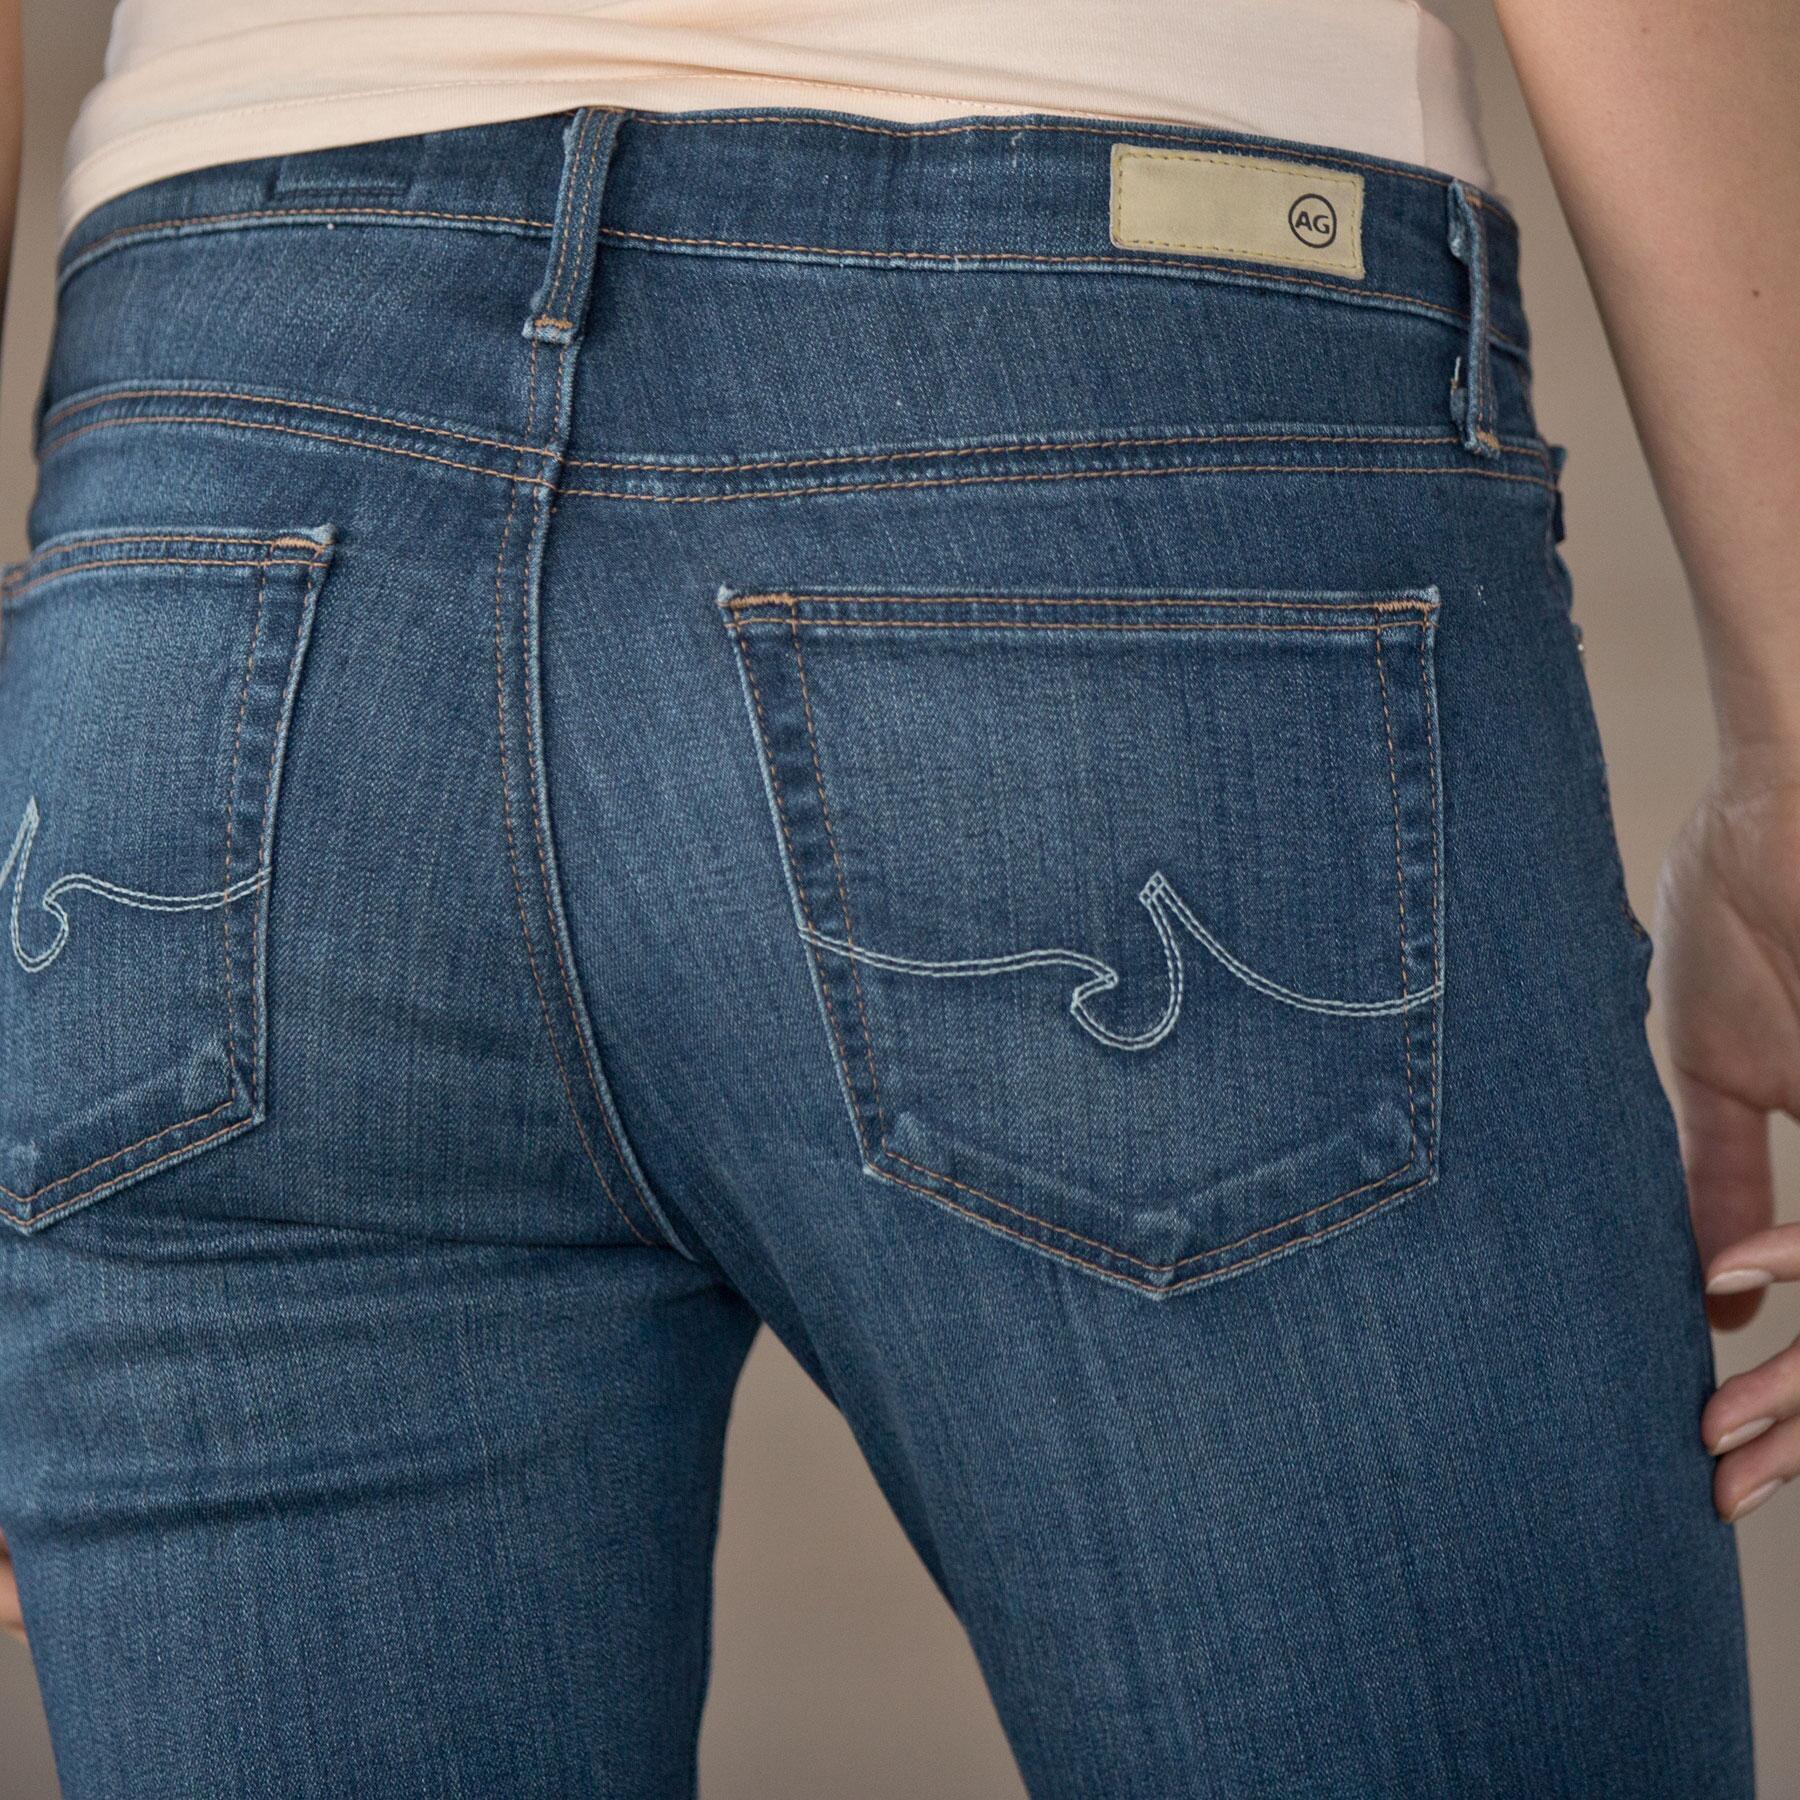 Prima Jeans: View 3